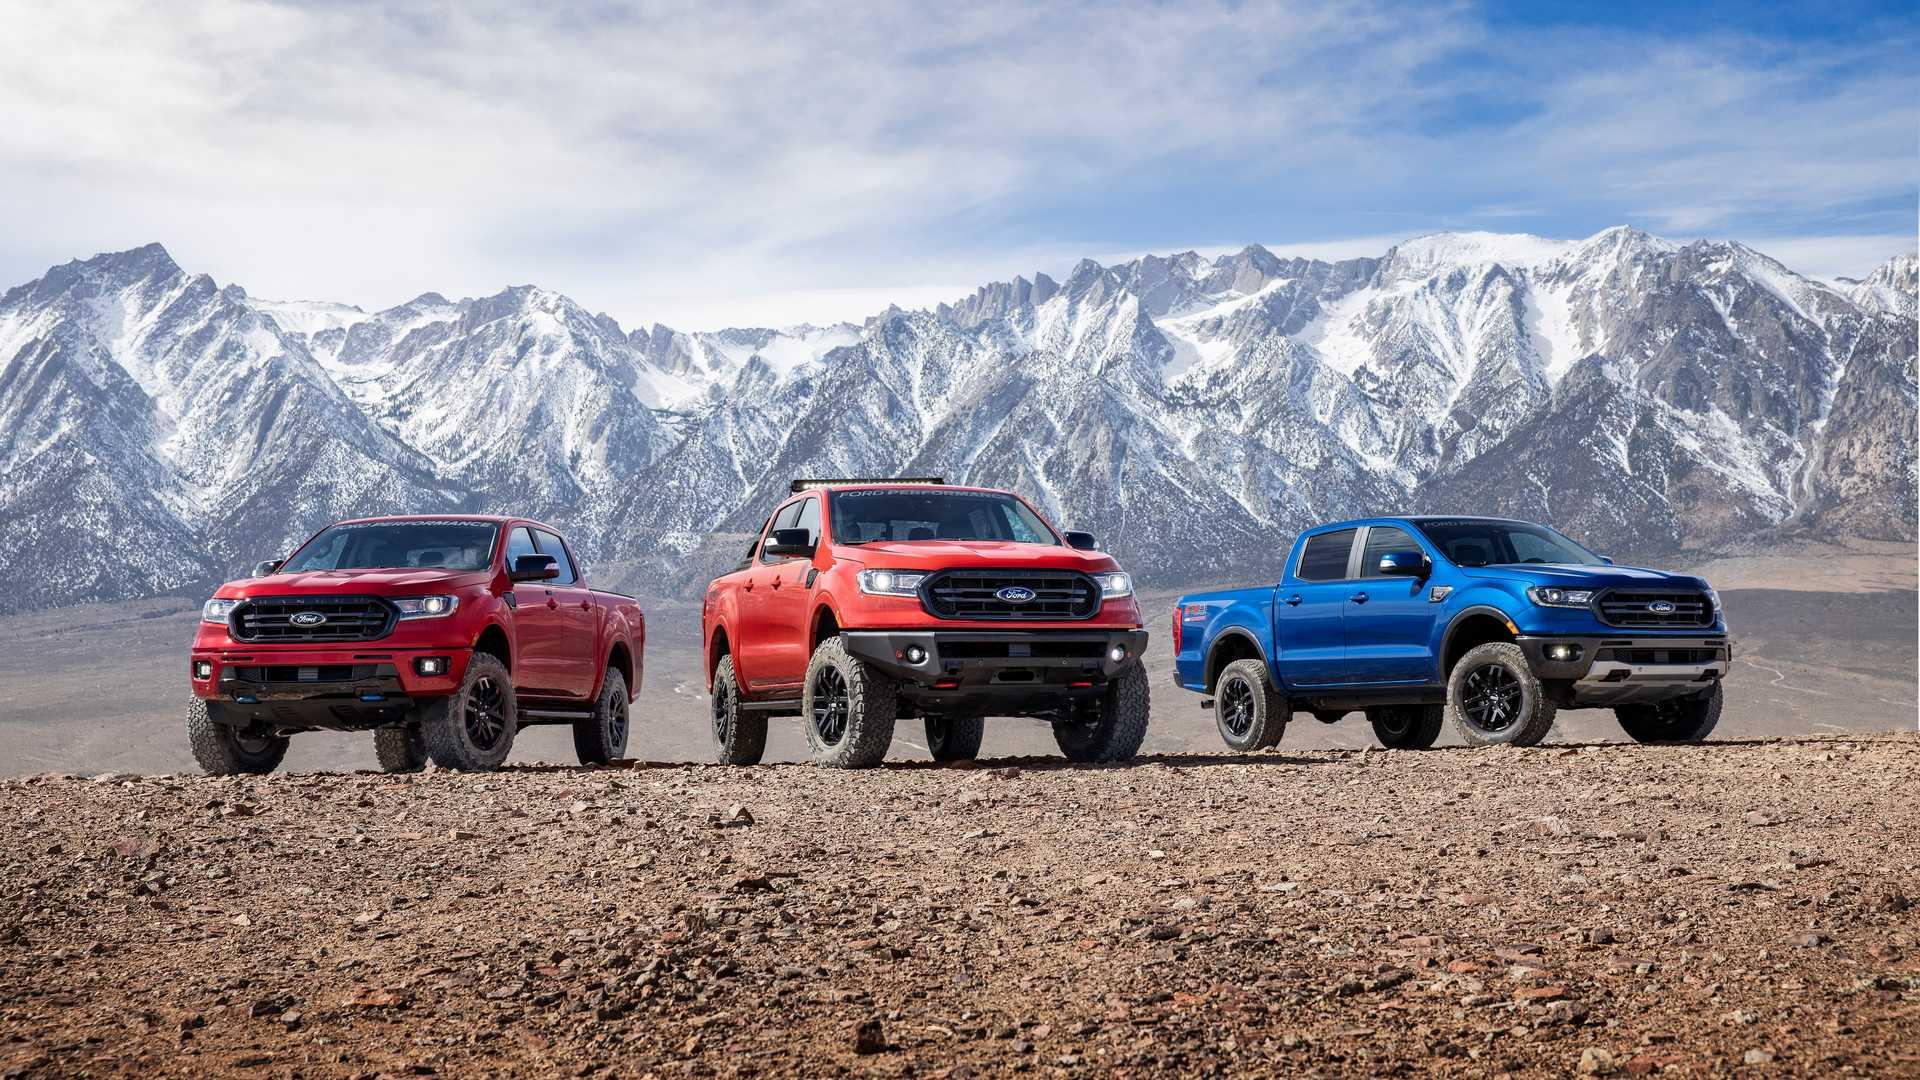 Отделение Ford Performance представило сразу три внедорожных набора для пикапа Ranger: по большому счёту, это один пакет элементов, но с тремя уровнями доработки.